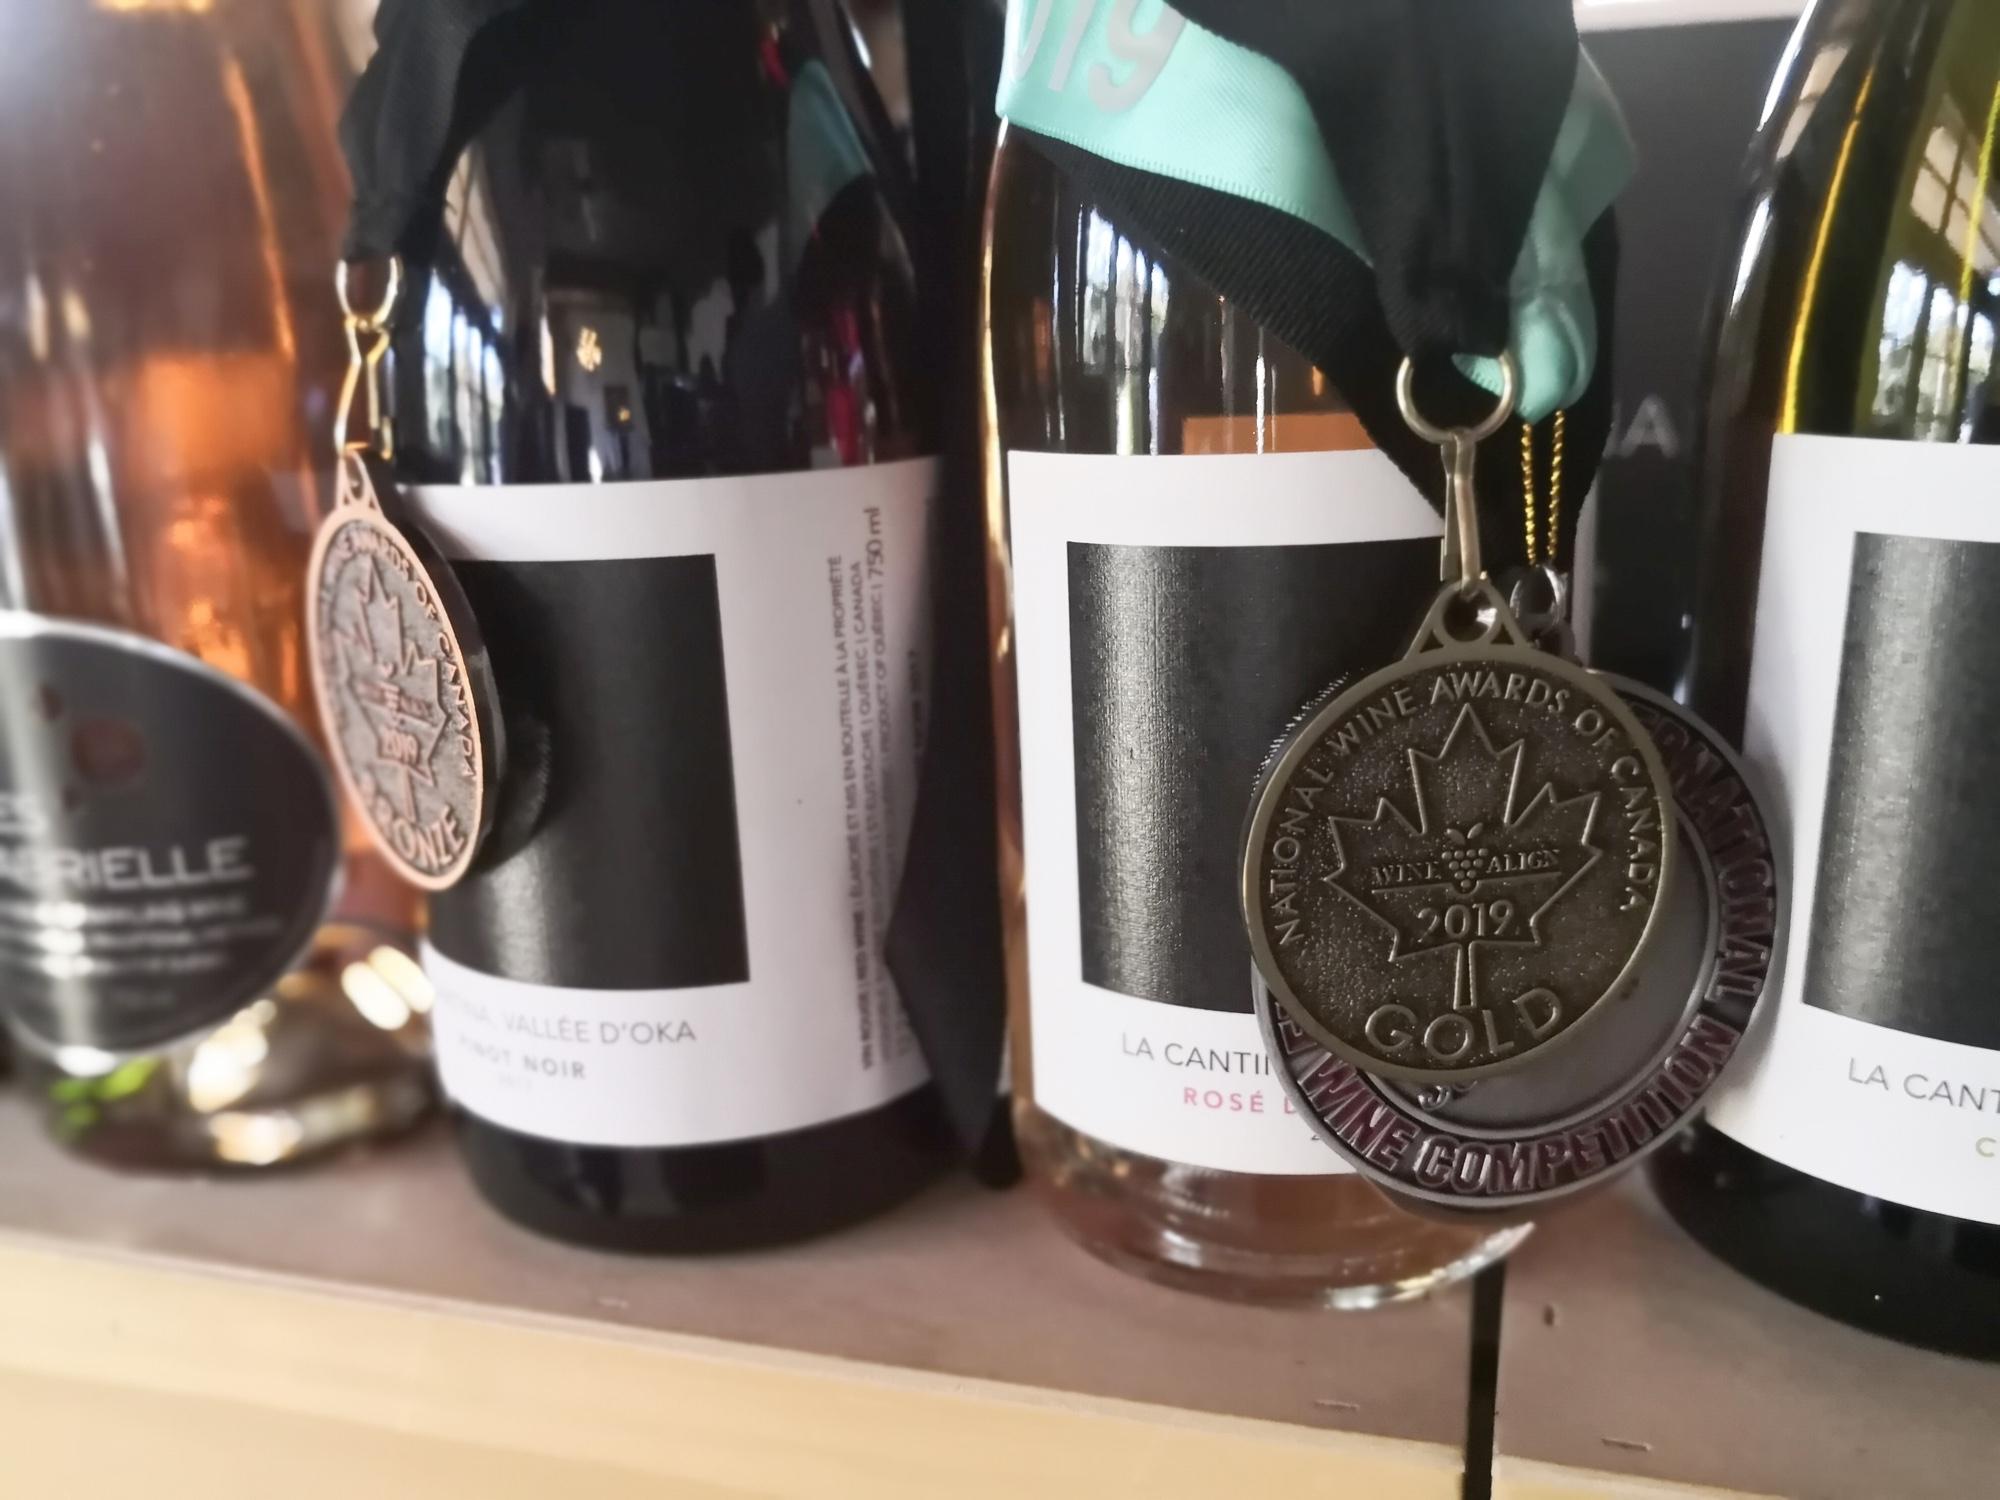 賞をとったワイン vignoble riviere du chene